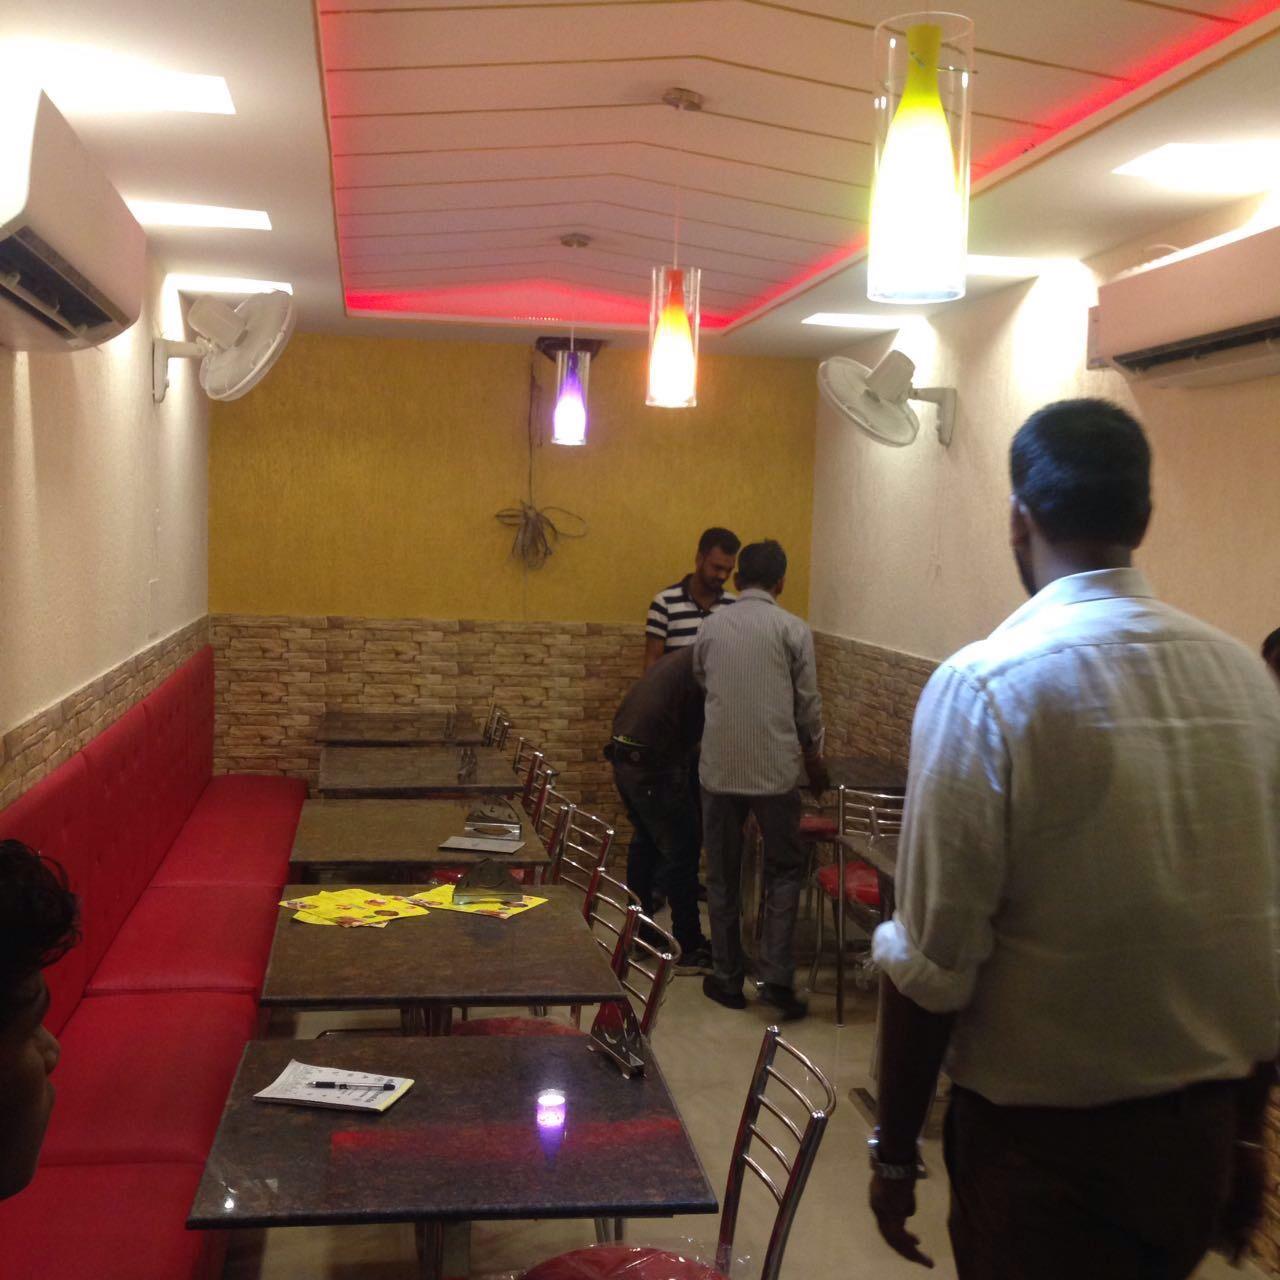 Running Restaurant Franchise for Sale in Mohali